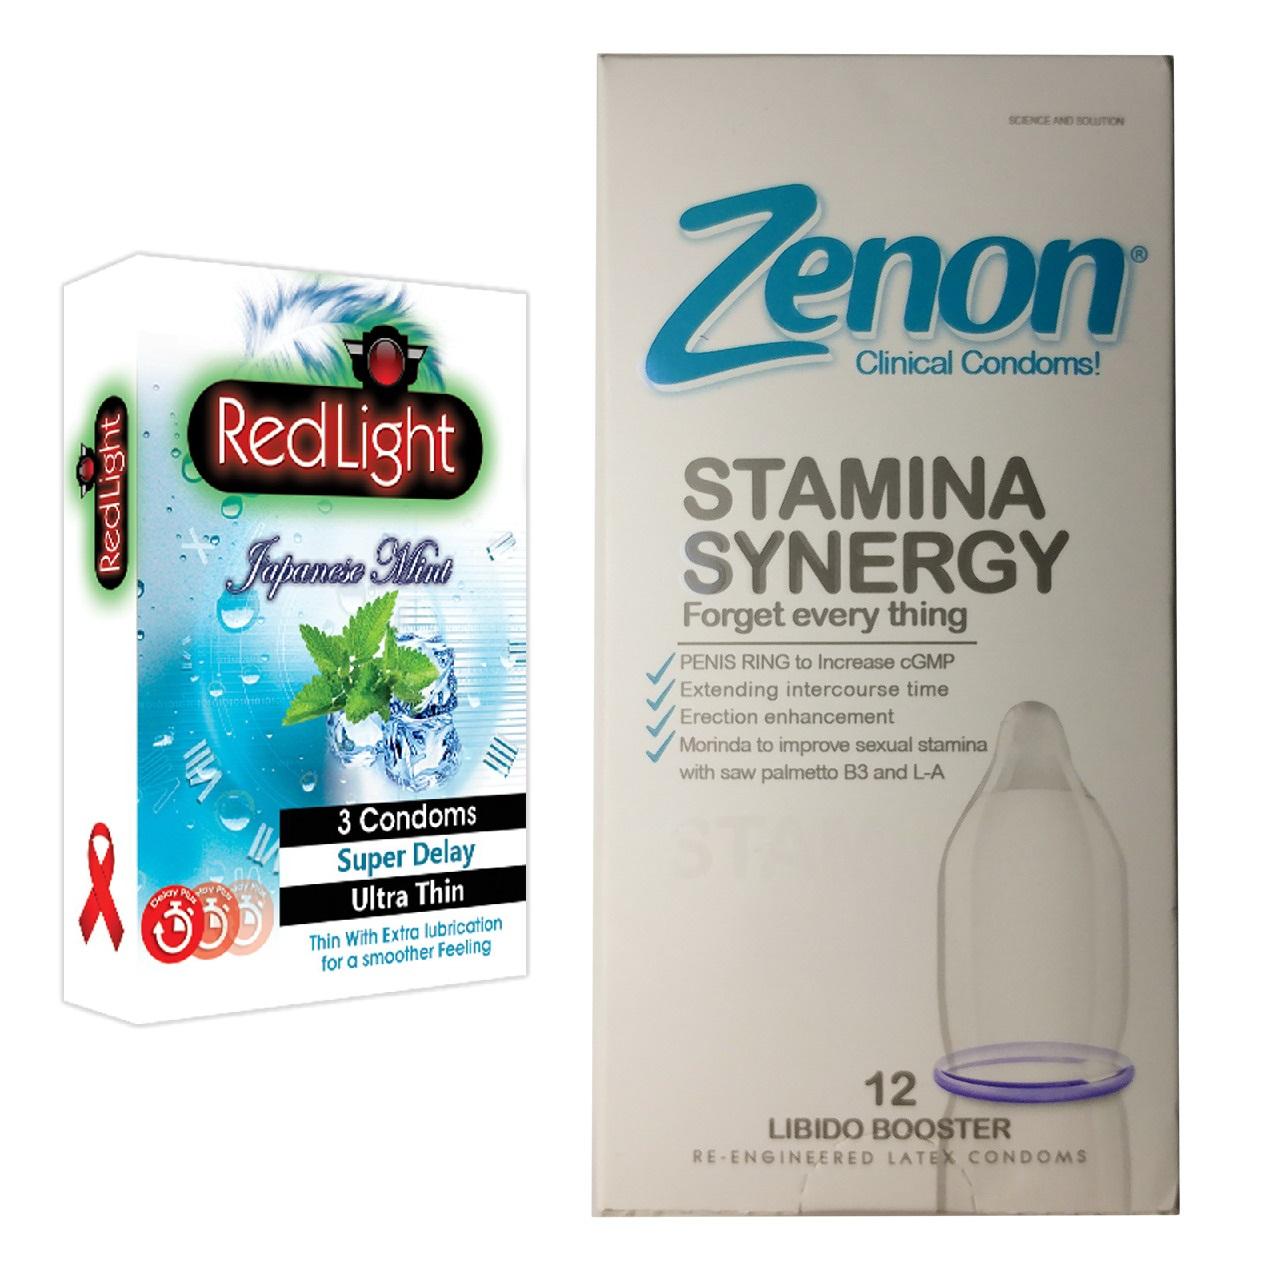 عکس کاندوم زنون مدل Stamina Synergy بسته 12 عددی به همراه یک بسته کاندوم سوپر تاخیری ردلایت مدل Japanese Mint بسته 3 عددی